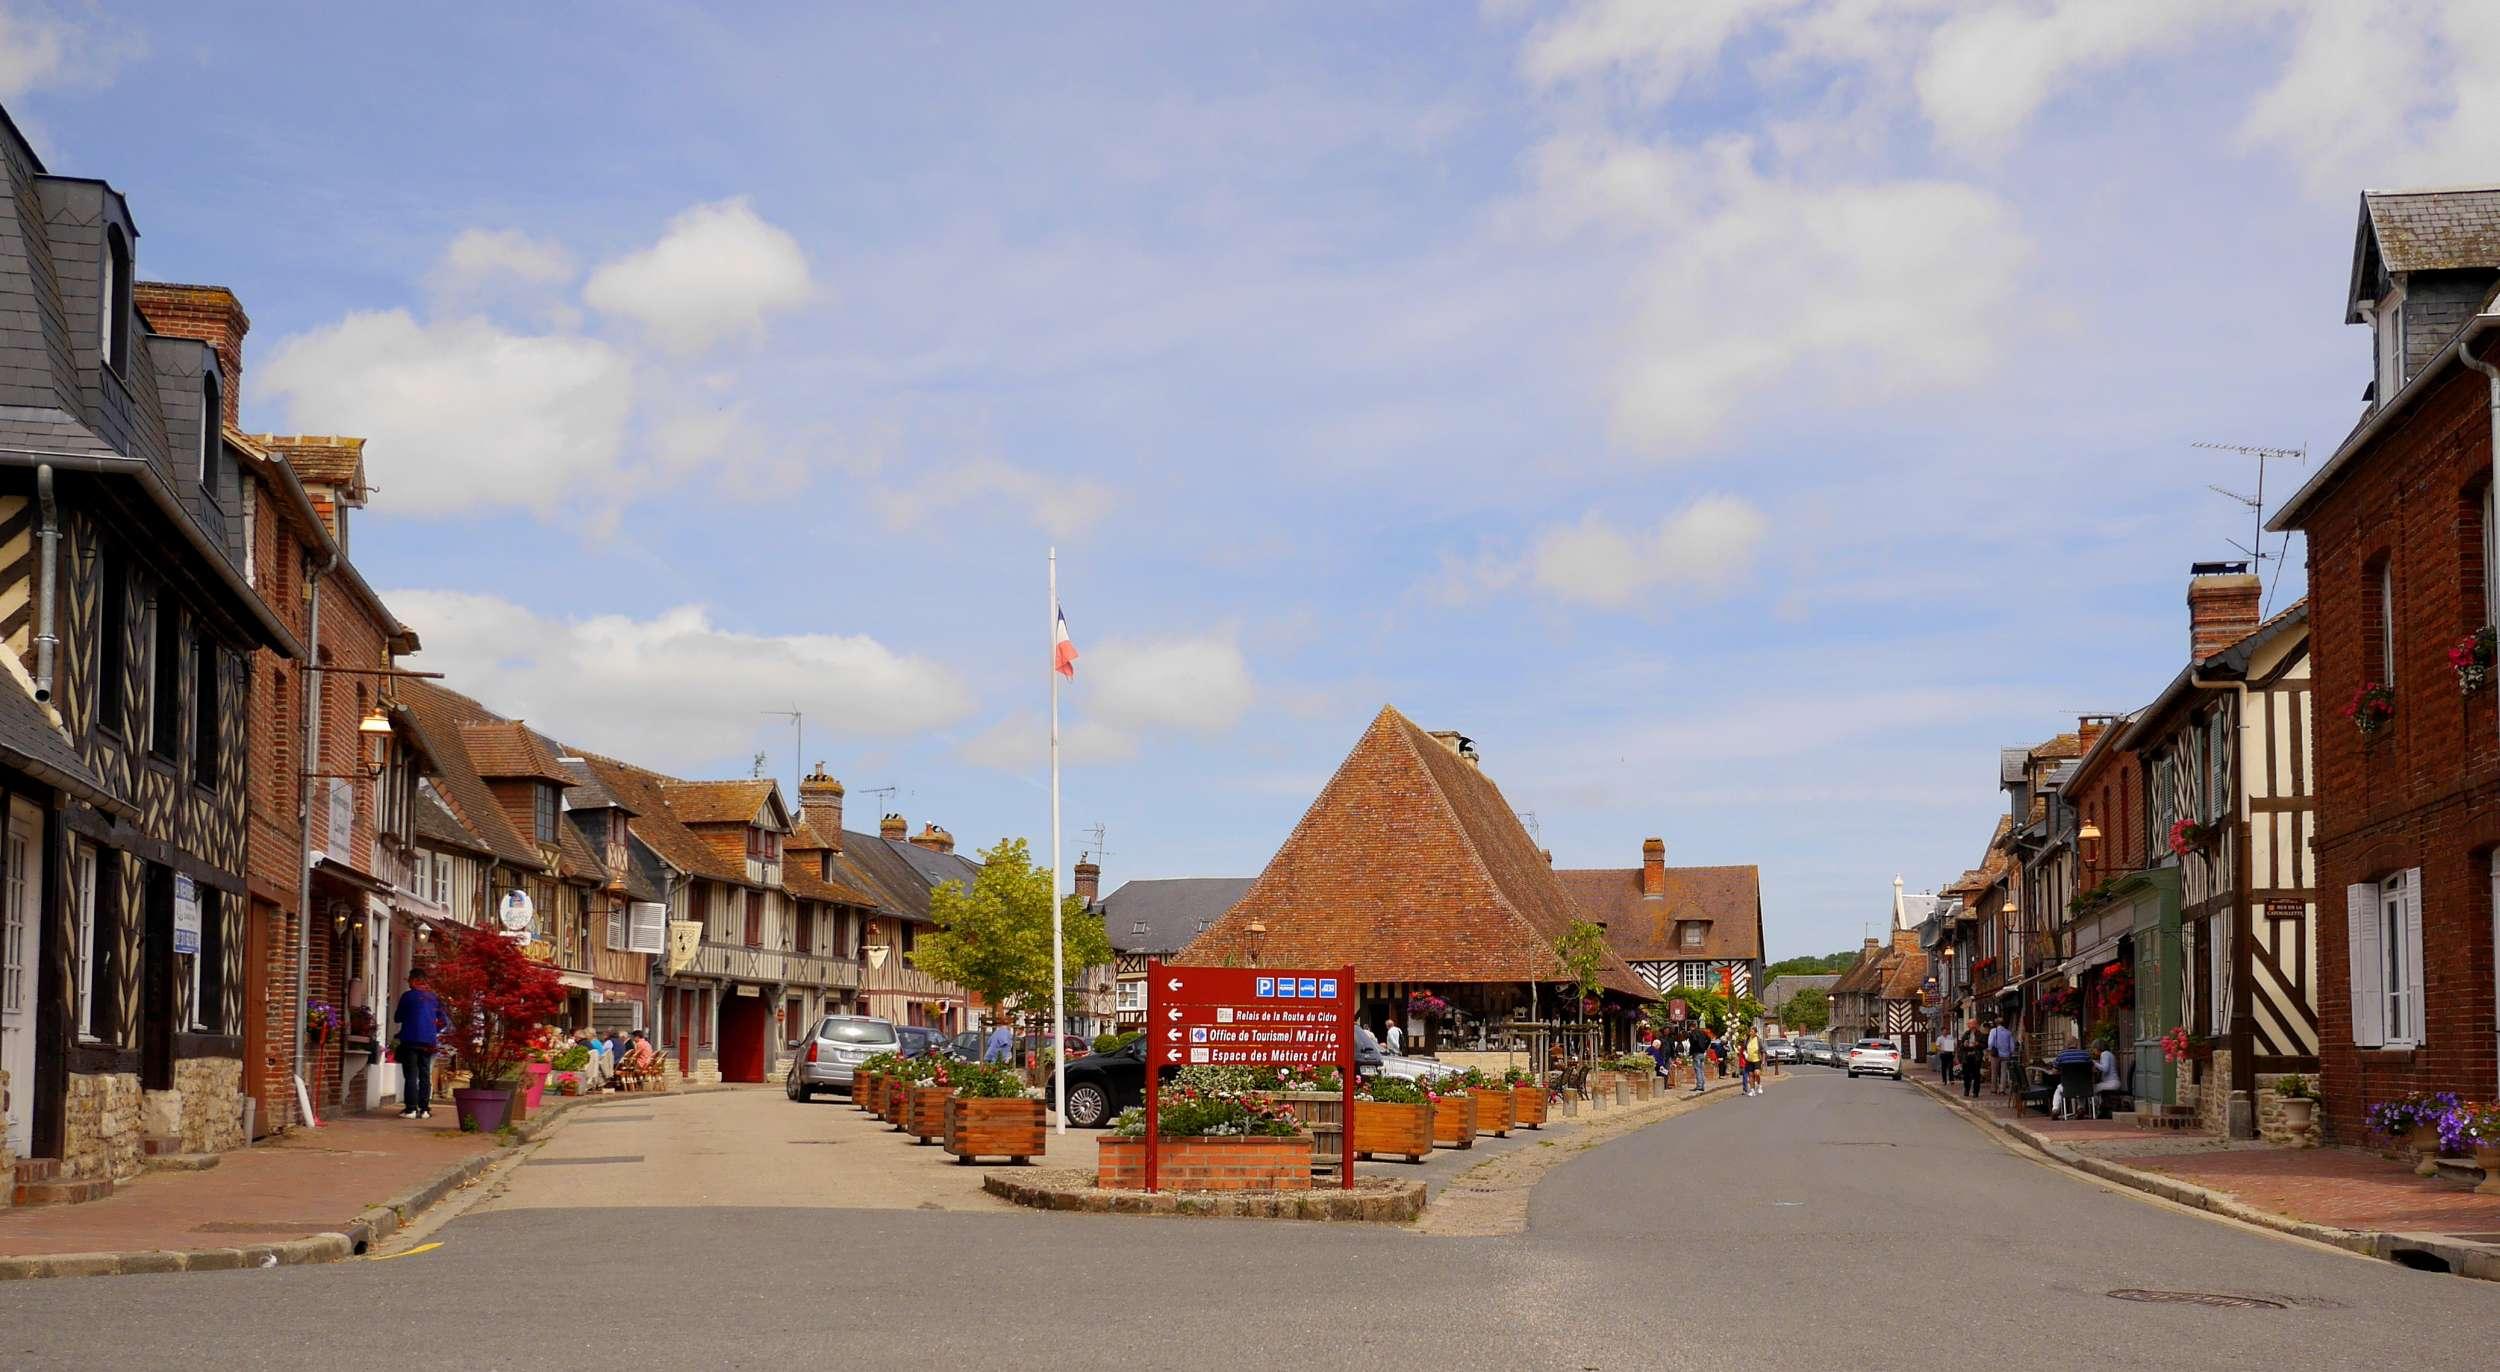 Foto: Panorama vom Platz am Anfang des Dorfs Beuvron-en-Auge in Frankreich